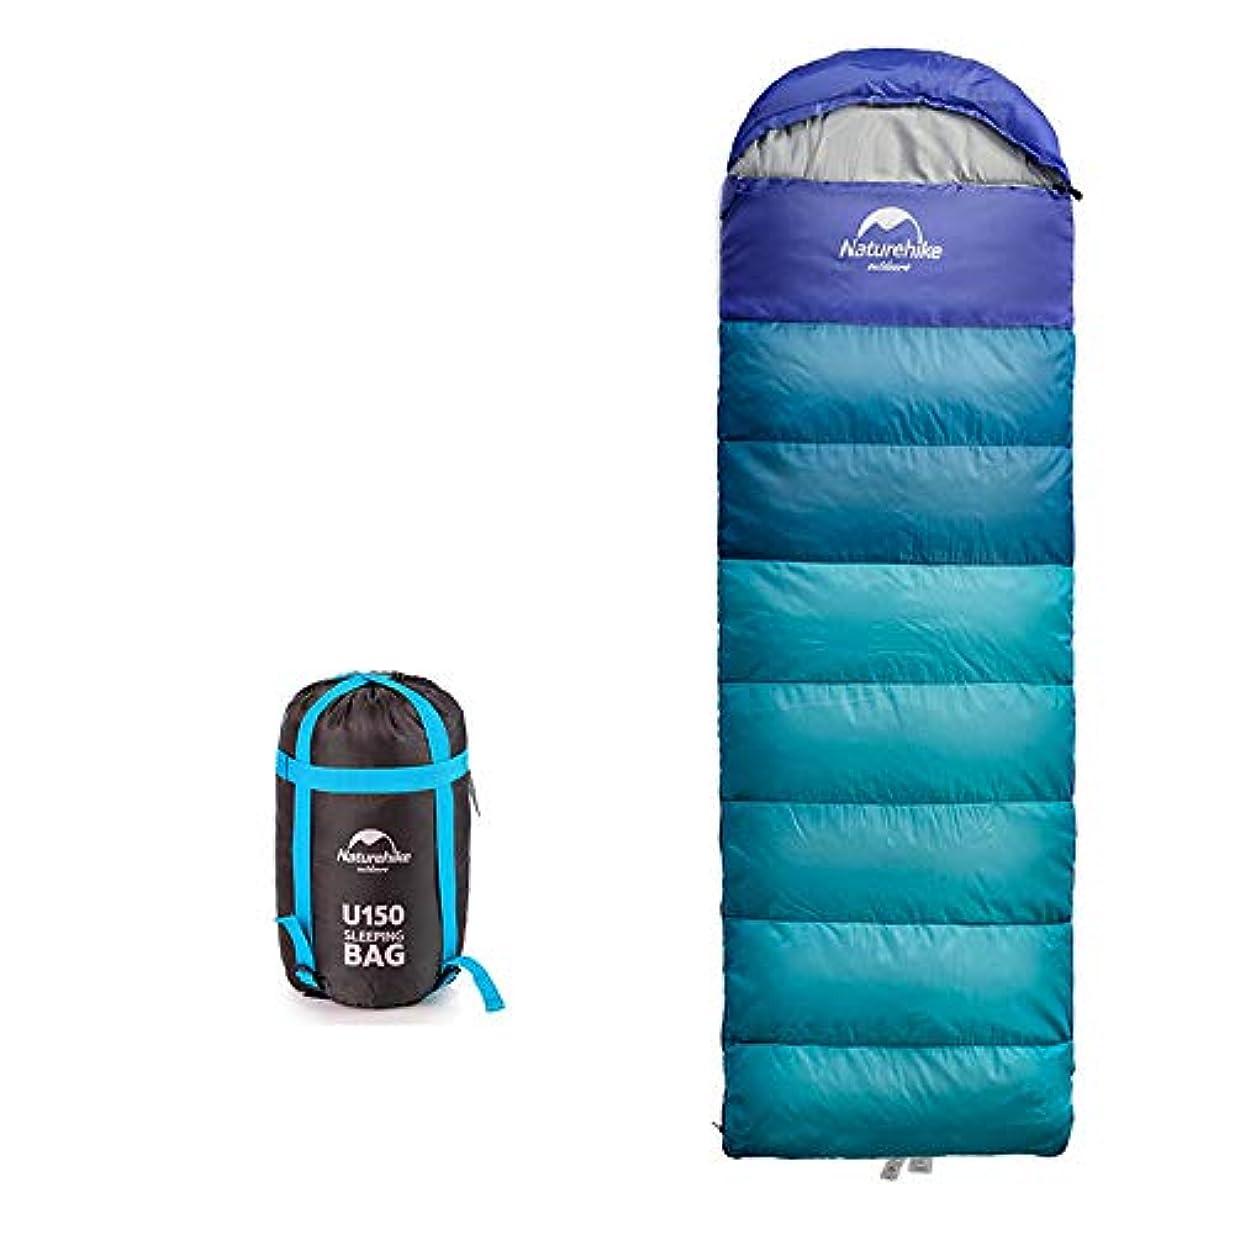 誰のアルコーブサーキュレーション寝袋ライナー、通気性と暖かい、取り外し可能、清掃が簡単、登山に使用、アウトドア観光、キャンプ